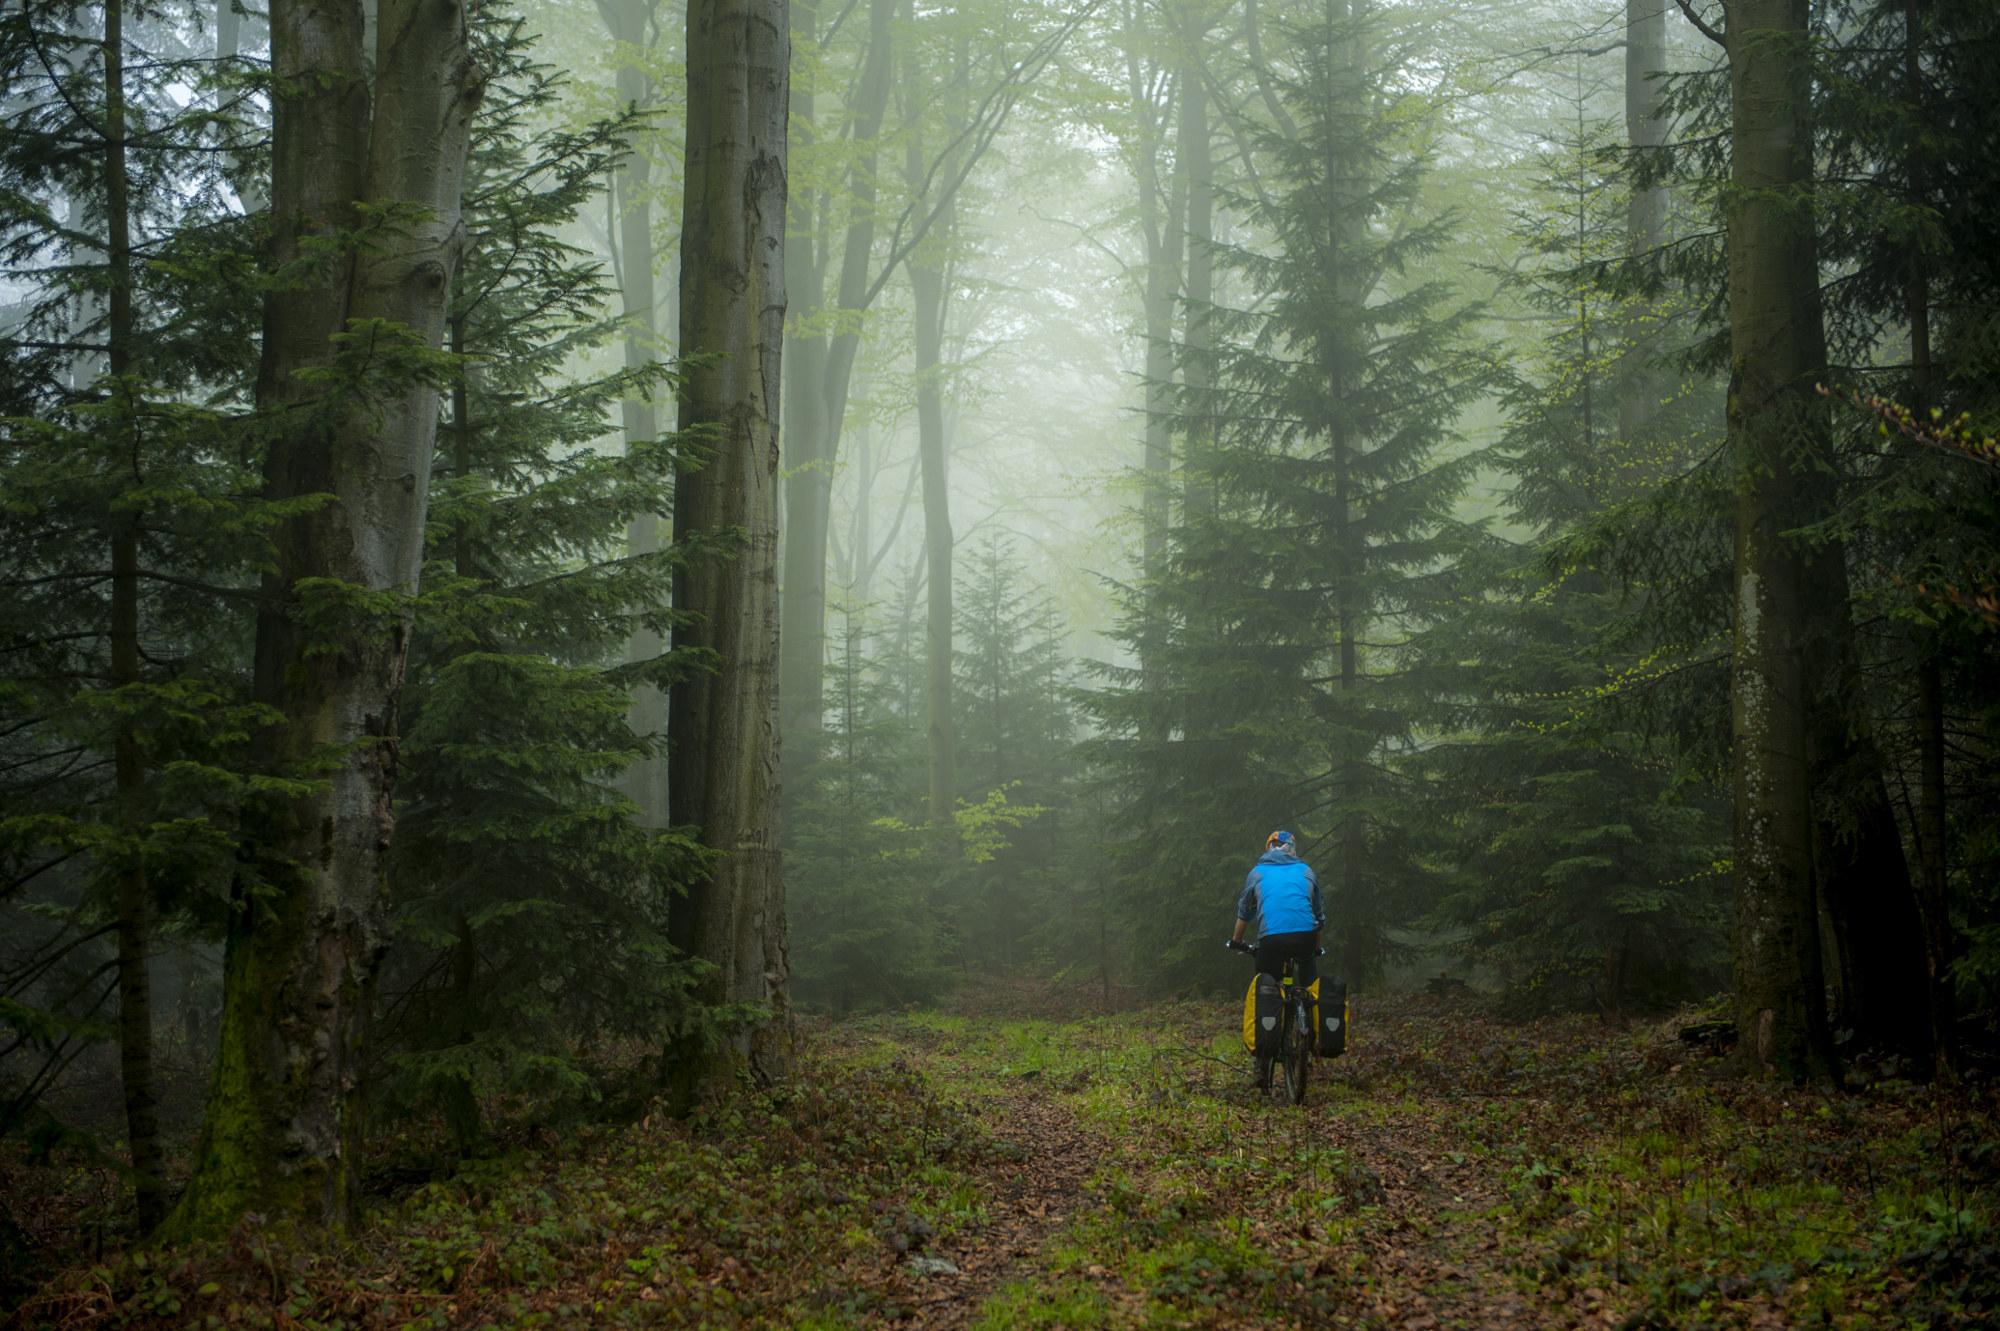 beskid-niski-rowerem-w-mroczny-las